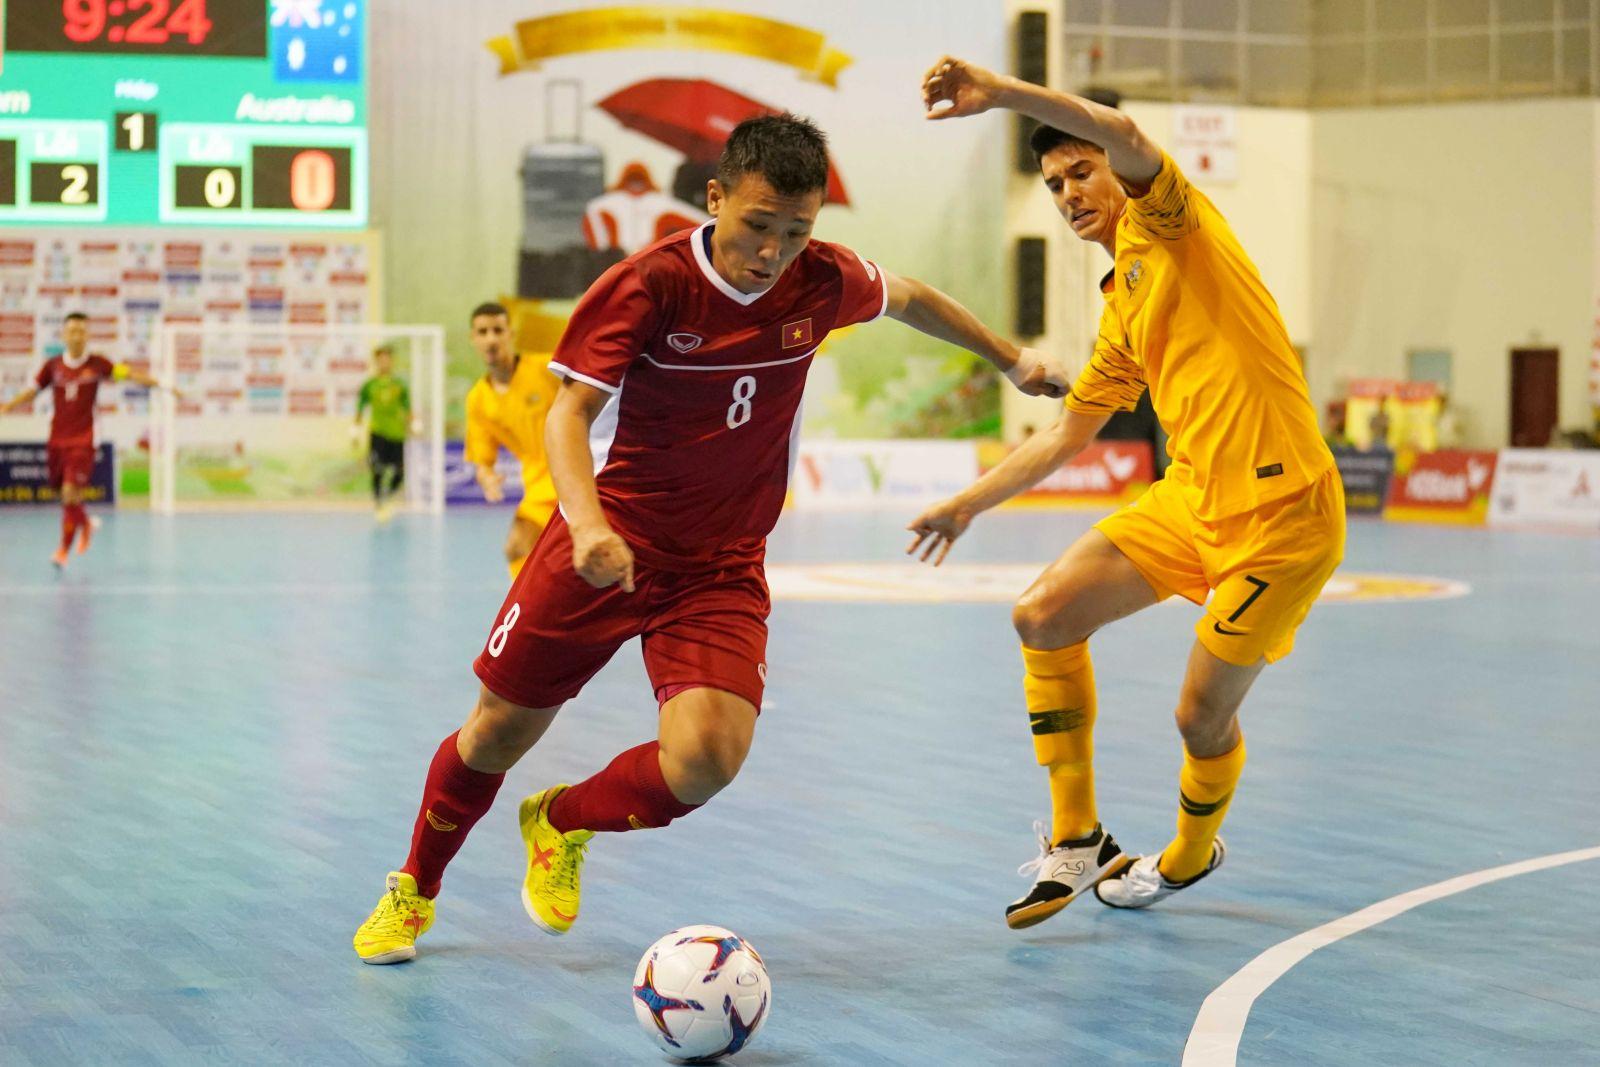 Nguyễn Minh Trí ghi bàn đẳng cấp trên chấm đá phạt 10m. Ảnh: VFF